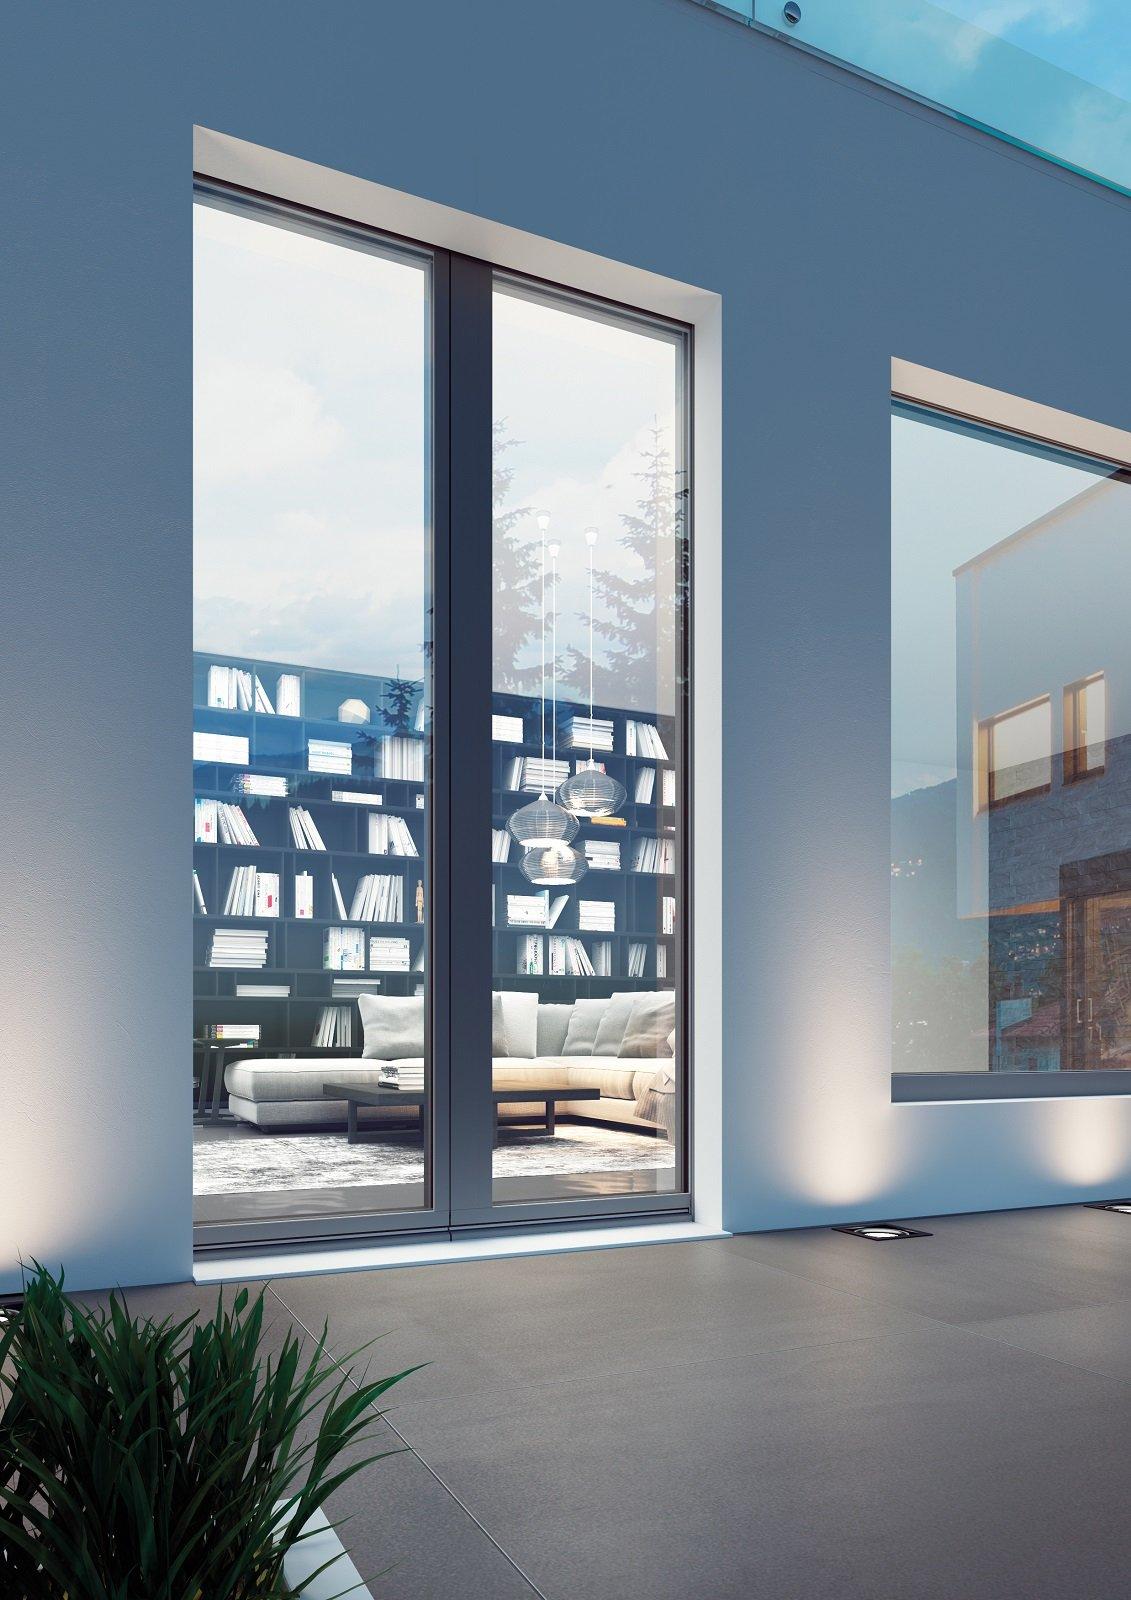 Finestre con ridotti profili per tanta luminosit nell - Porta finestra scorrevole esterna ...